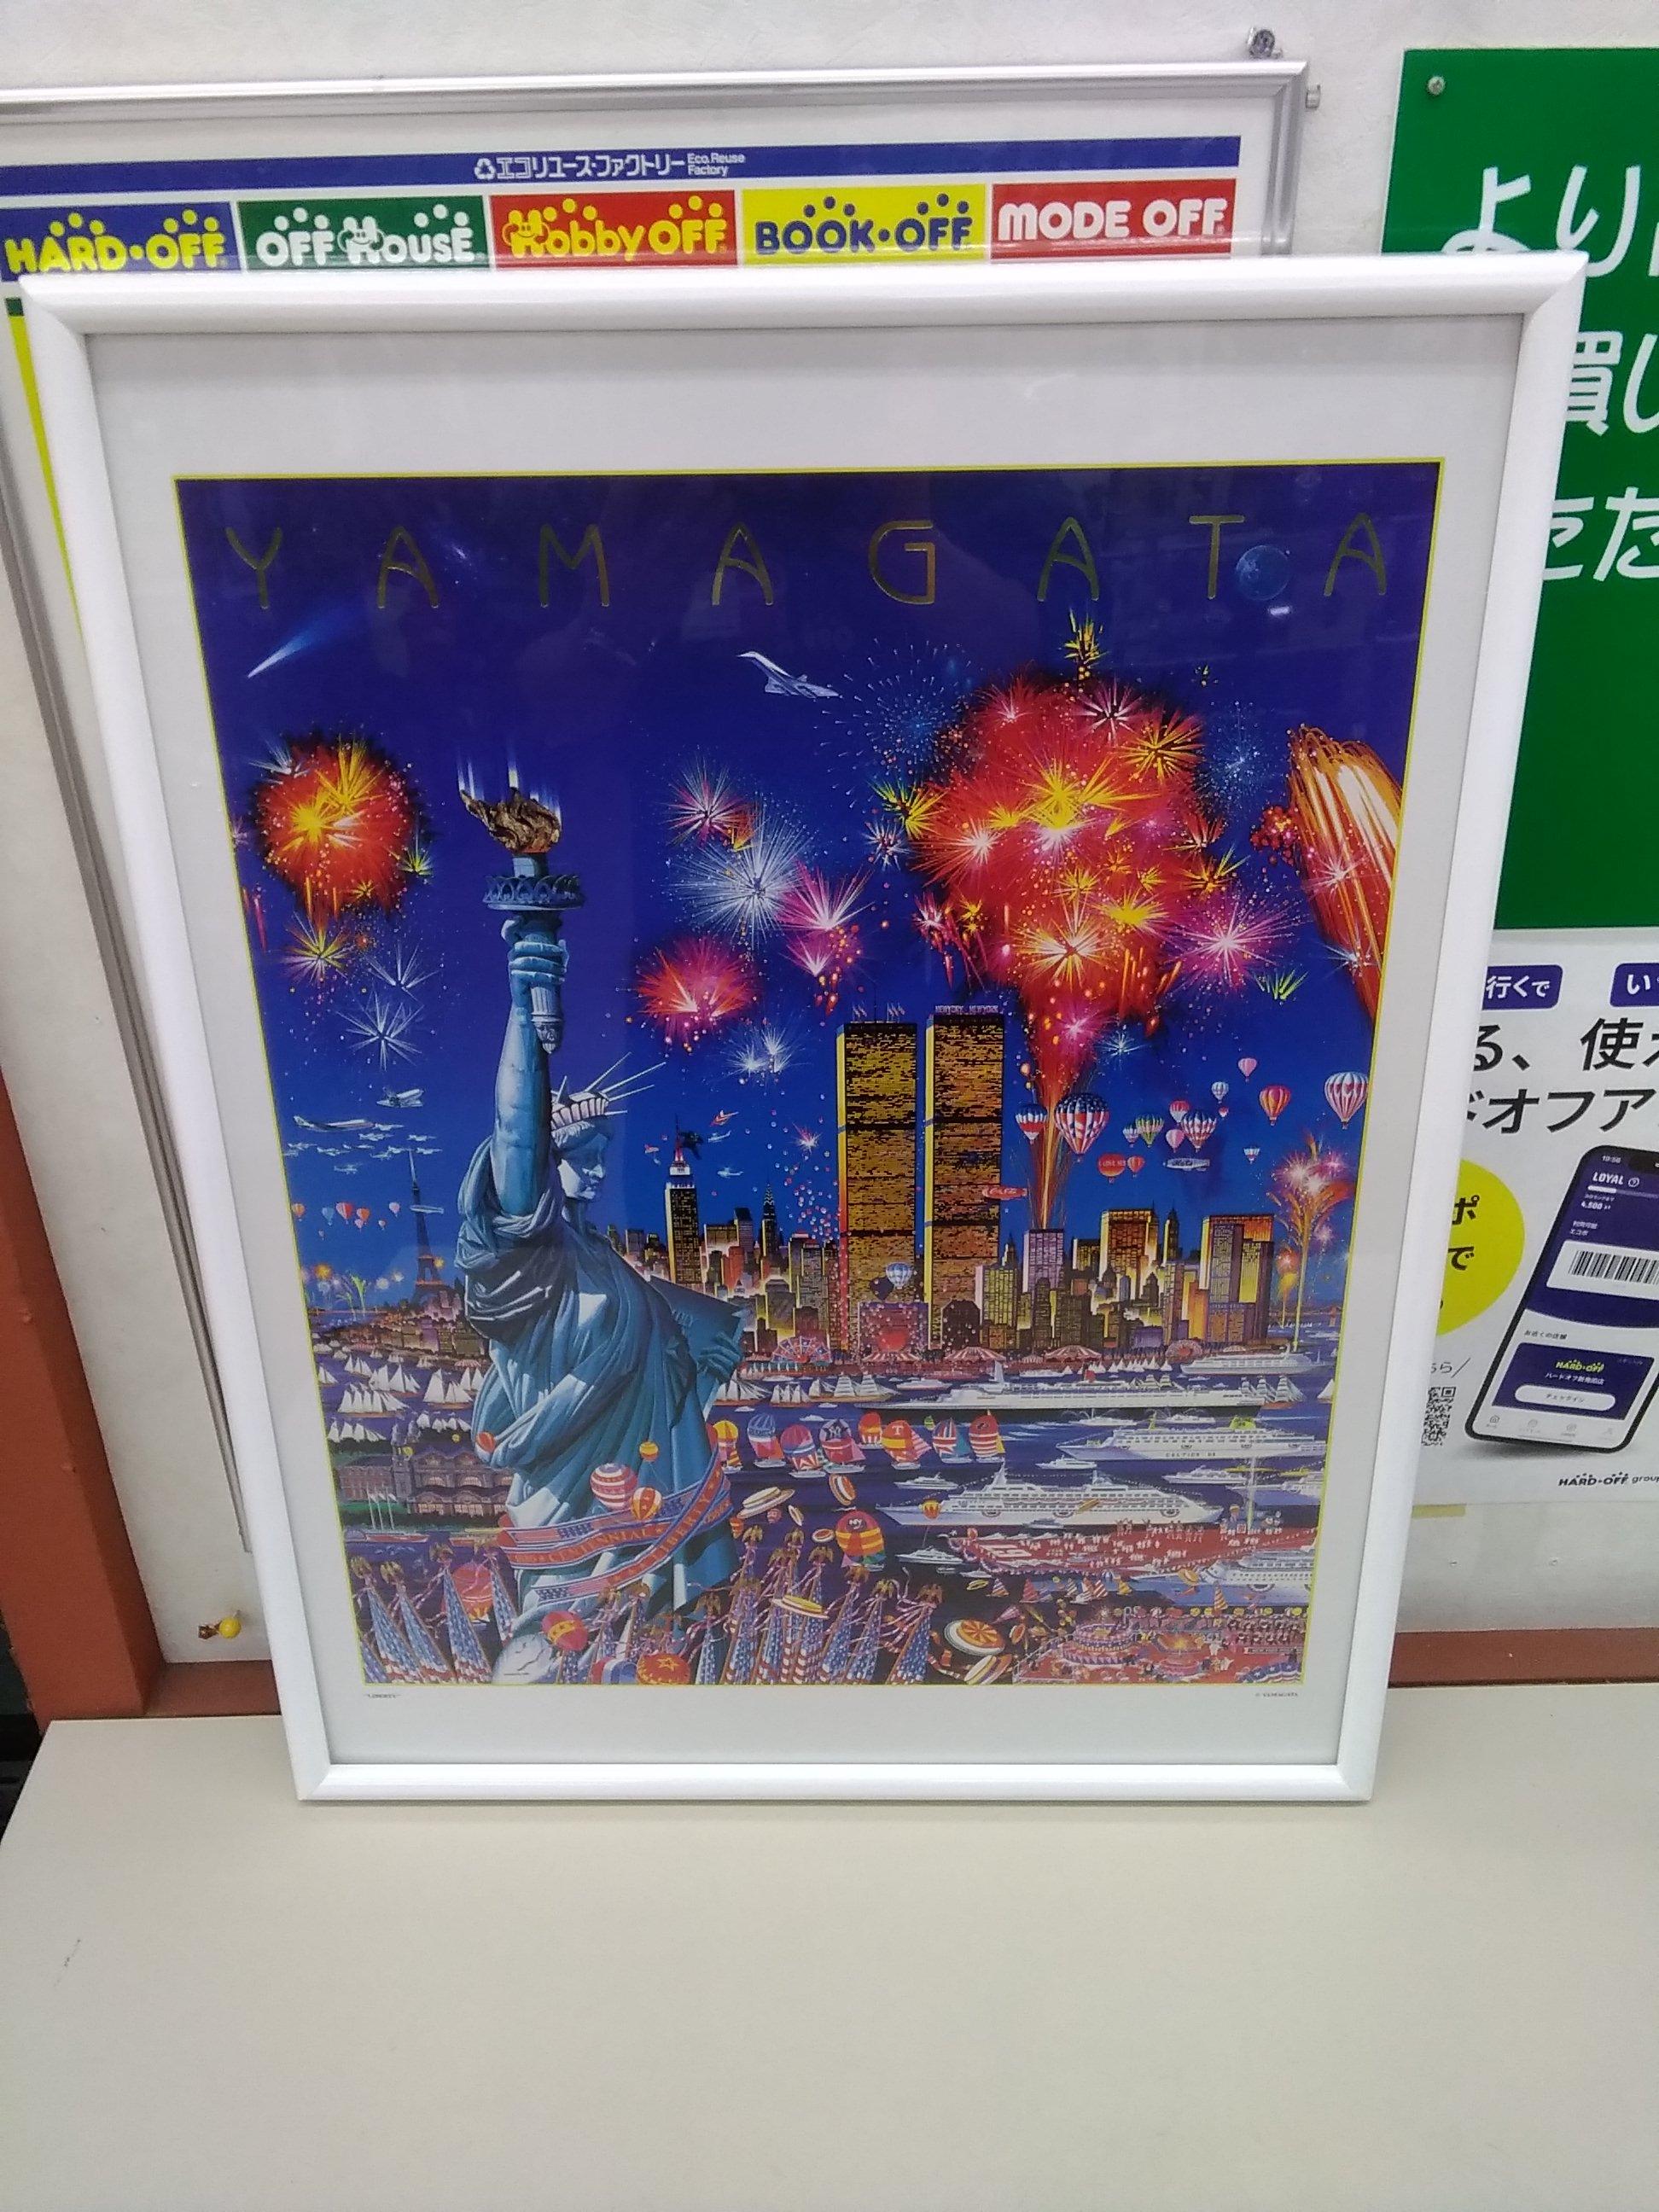 ポスター|ヒロ ヤマガタ